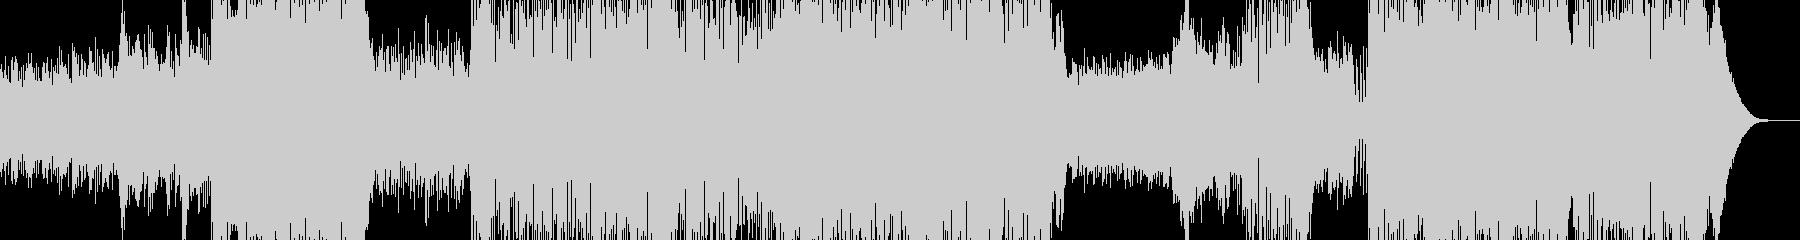 ピアノ・冒険・大空を翔けるテーマ 短尺+の未再生の波形